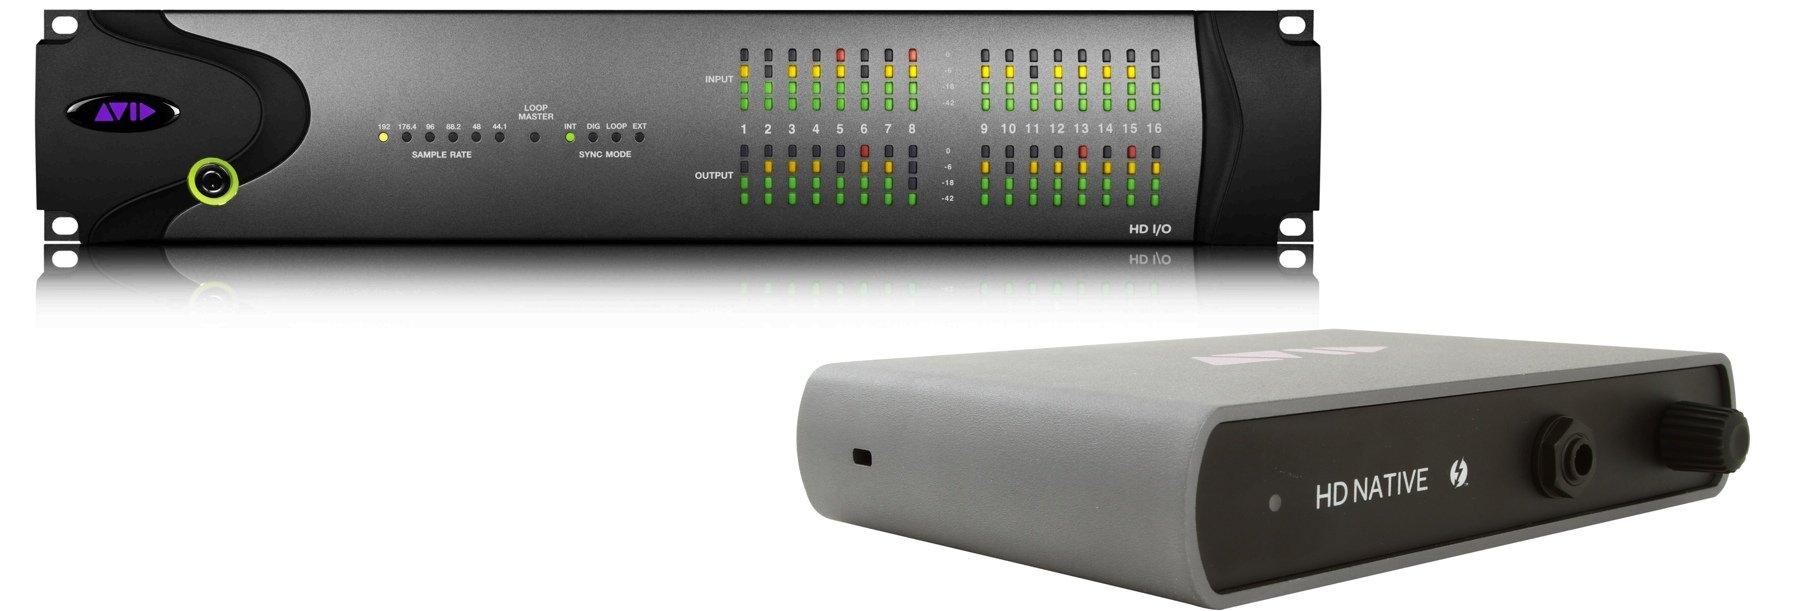 Avid Pro Tools HD Native Thunderbolt & HD I/O 16x16 Analog System